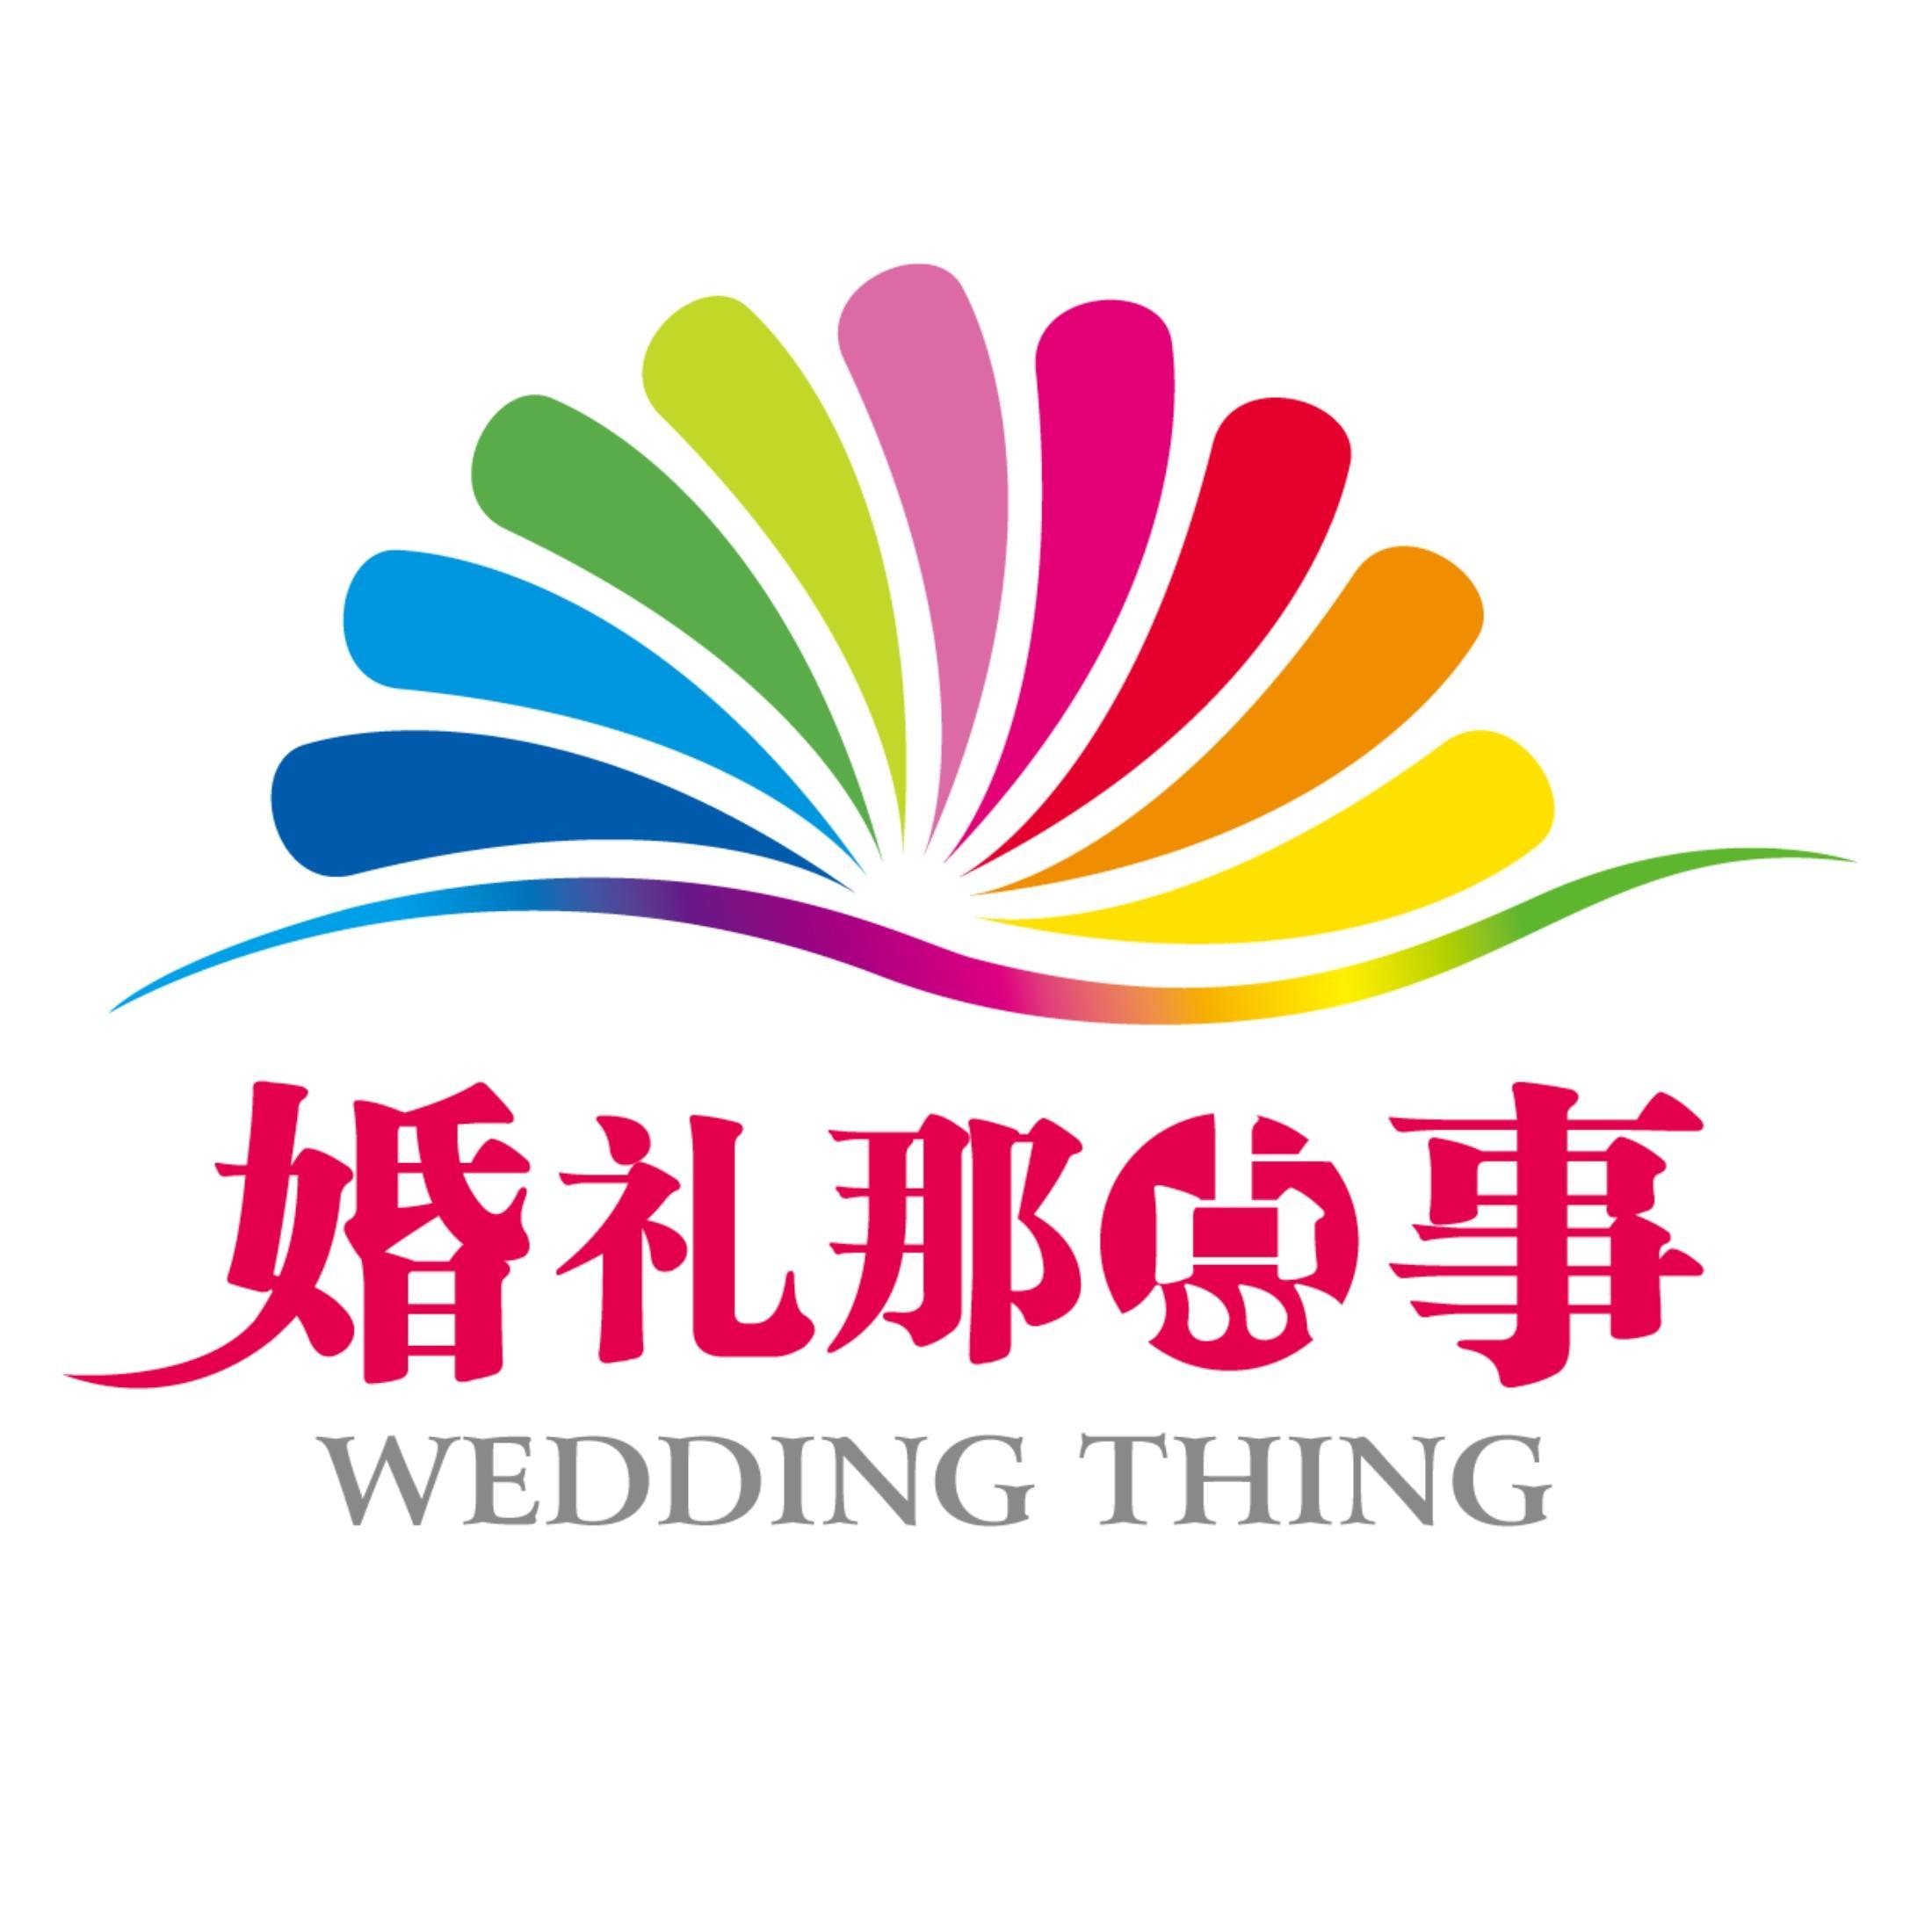 婚礼那点事婚礼策划